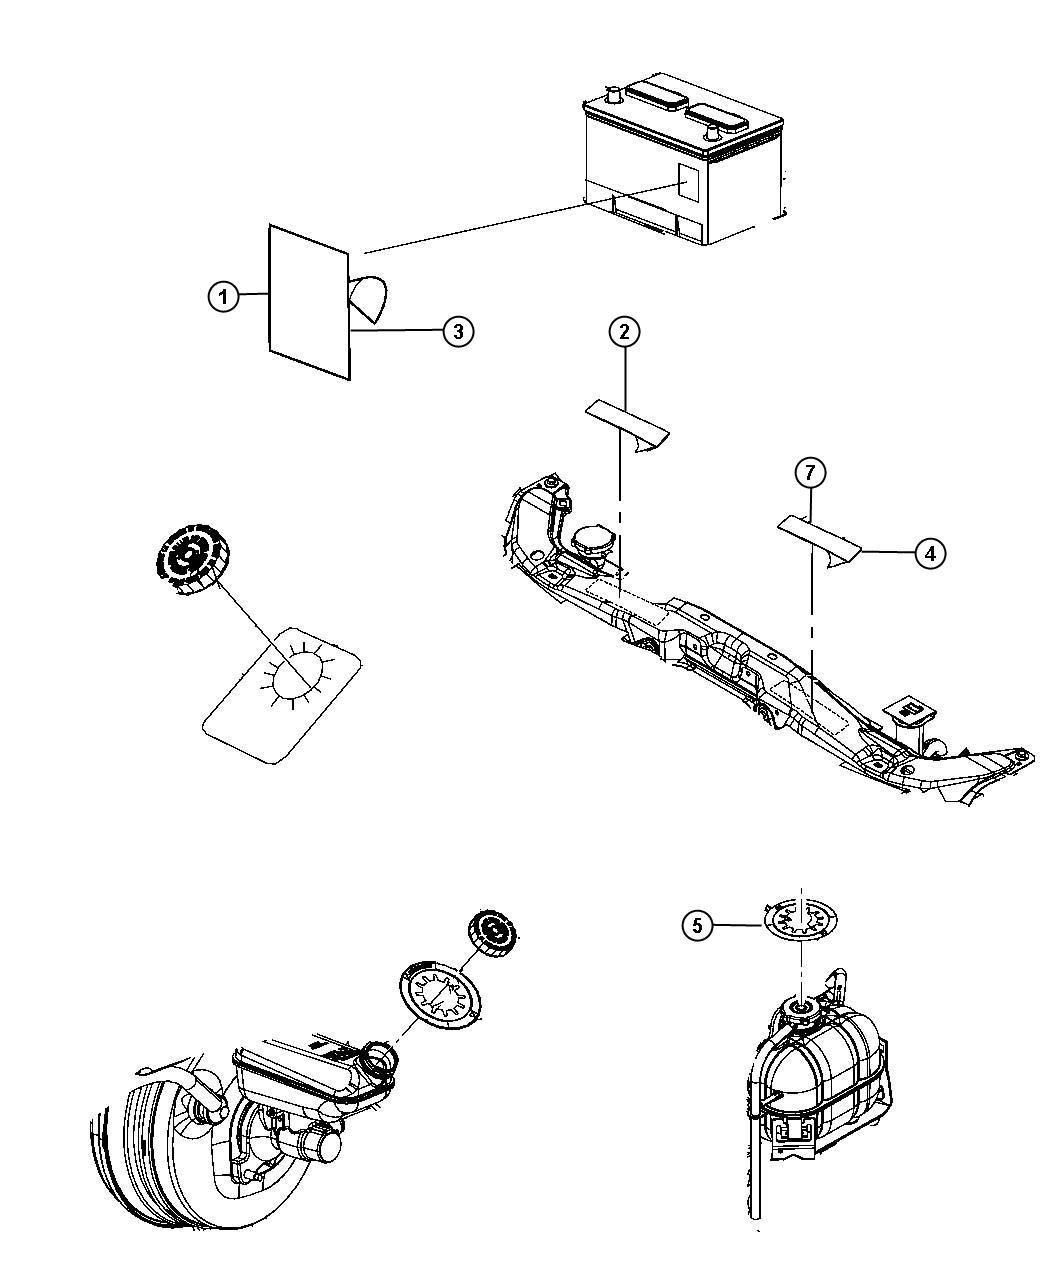 Jeep Liberty Label  Vehicle Emission Control Information   3 7l V6 Engine    Federal